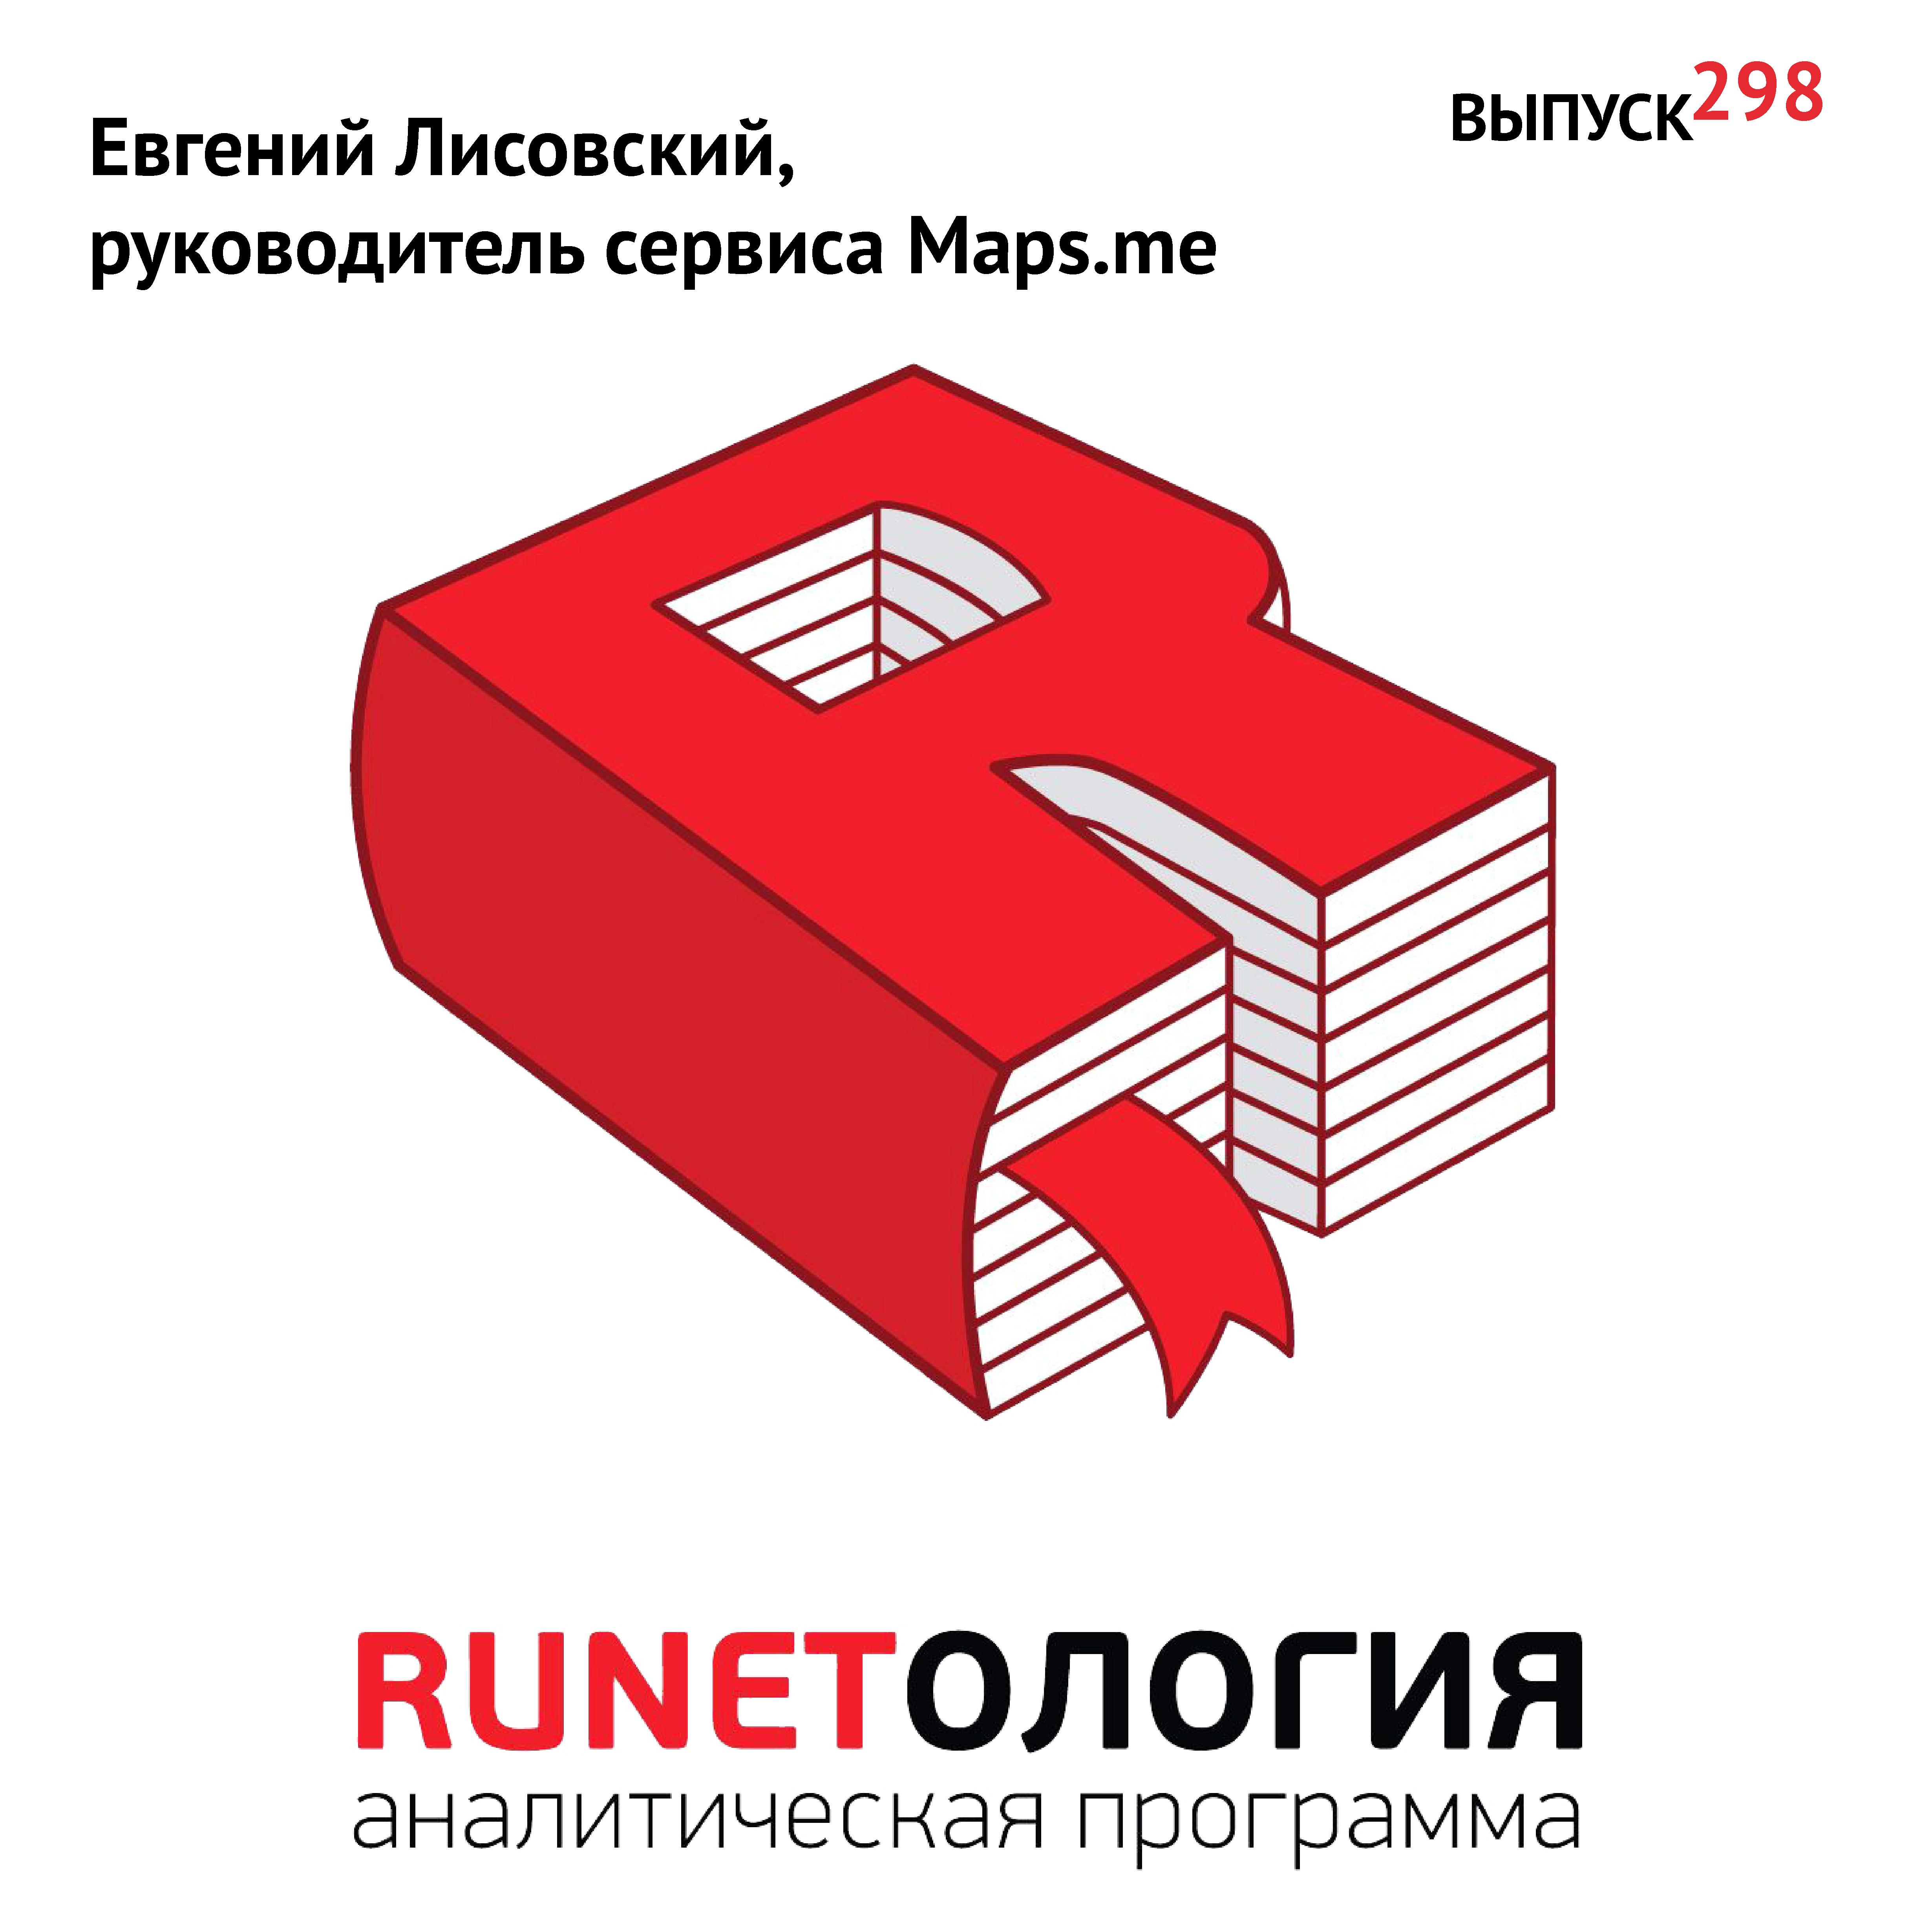 Евгений Лисовский, руководитель сервиса Maps.me